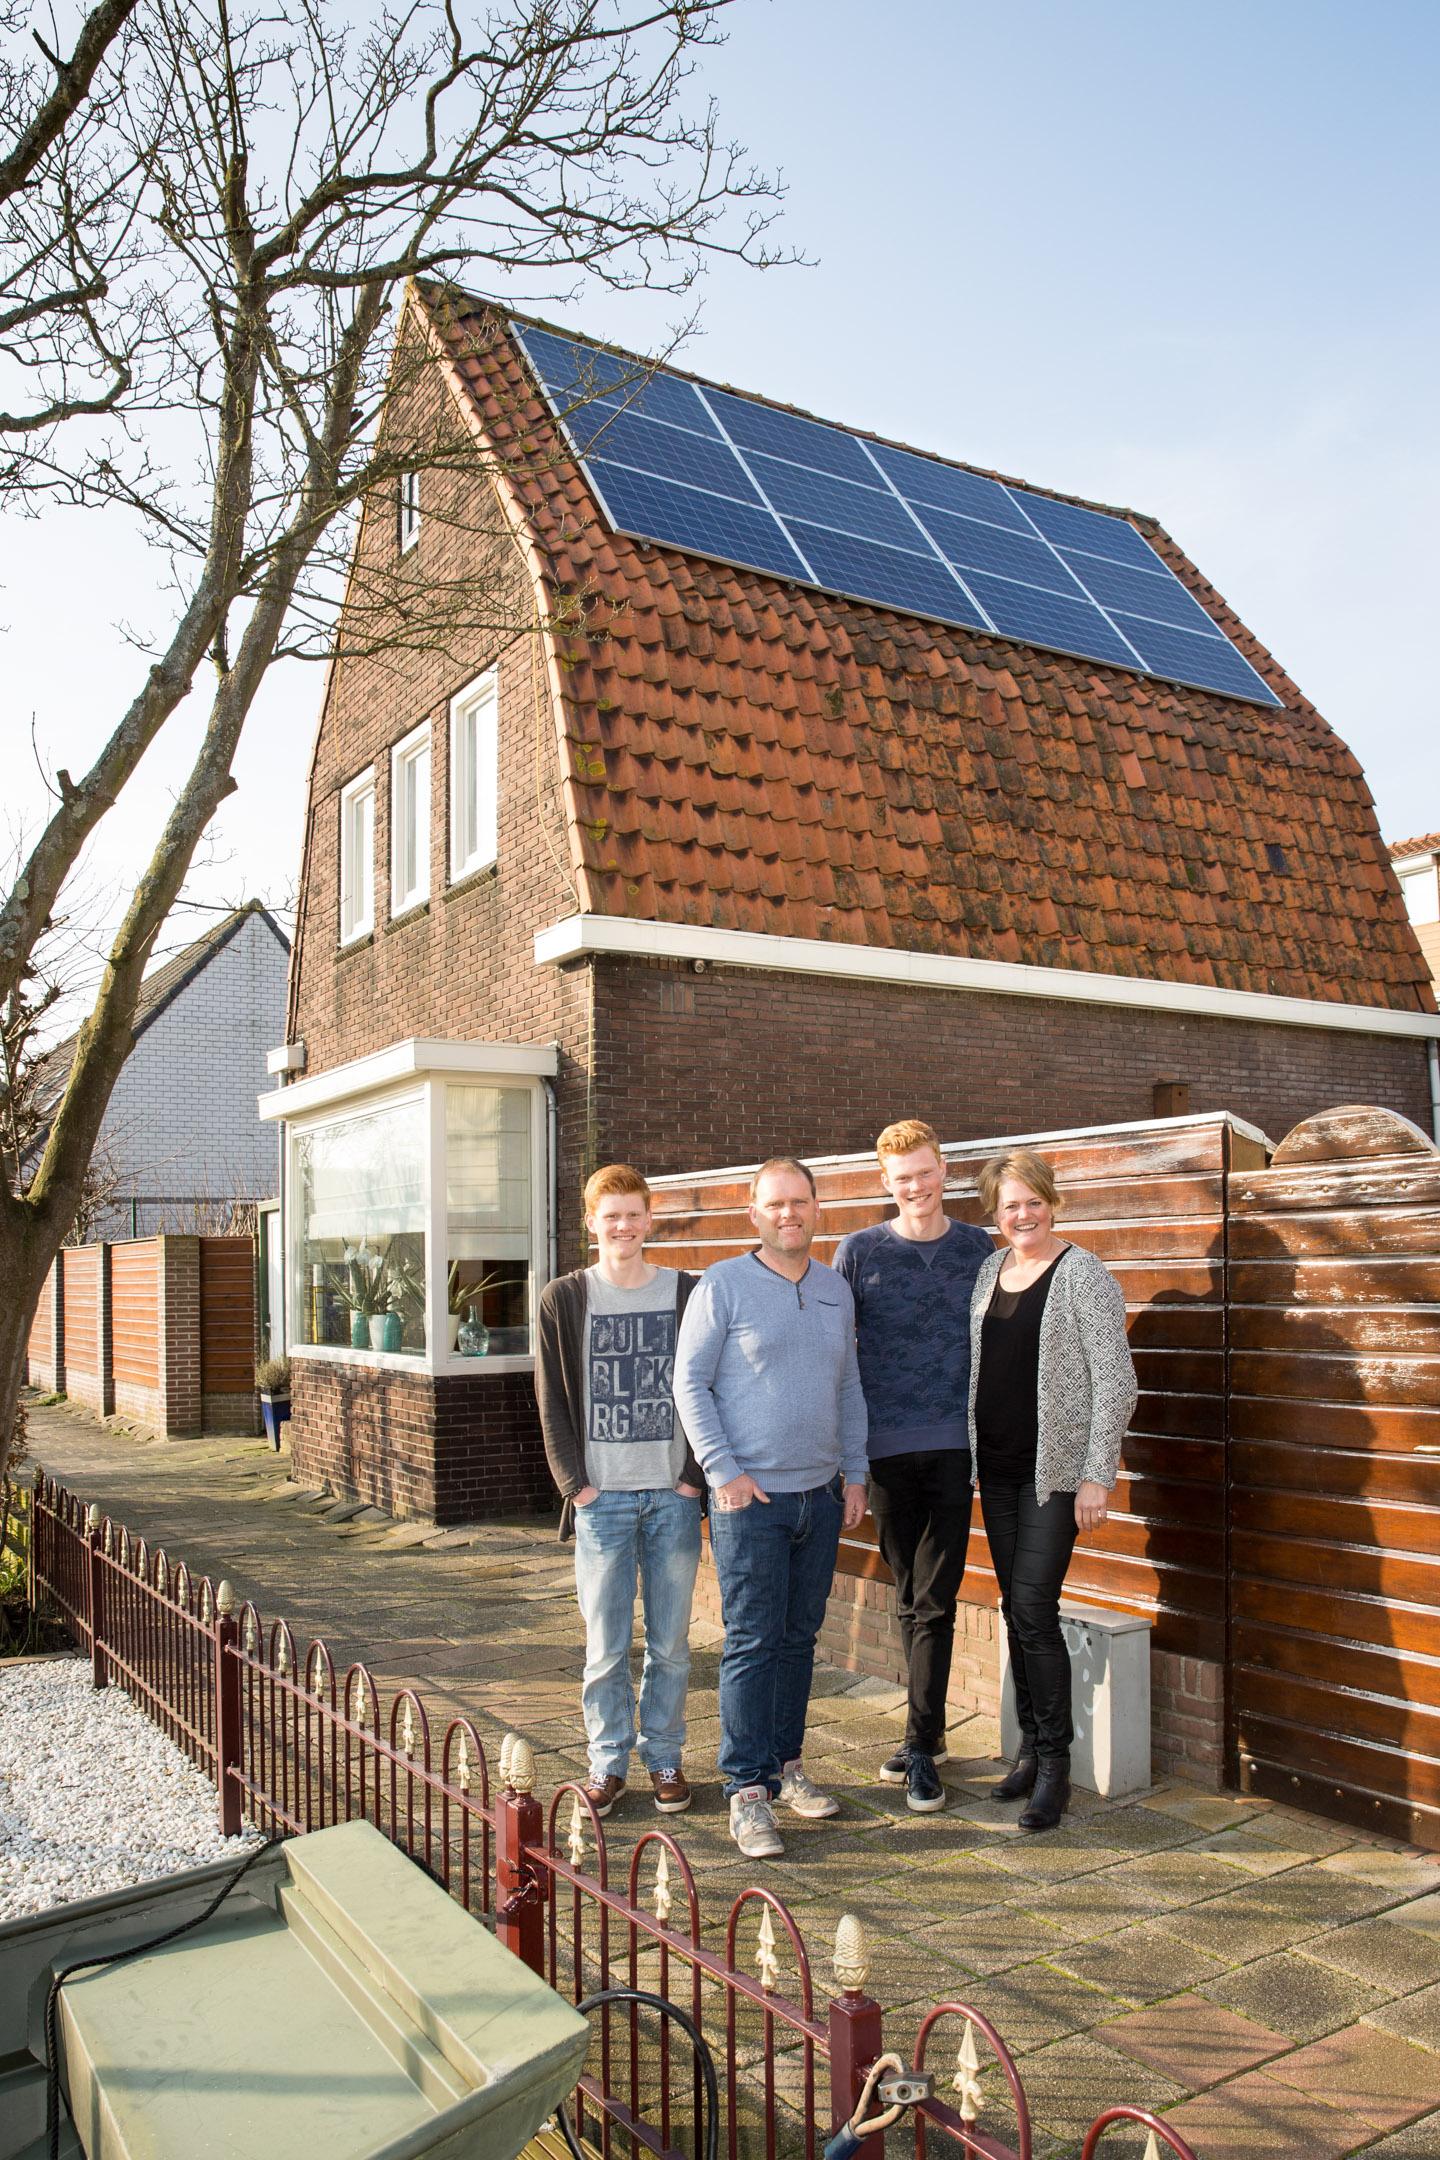 Energieneutraal-huis-woonwijk-wonen-thuisbaas-credit-Chantal-Bekker-GraphicAlert-01-zonnepanelen-dak